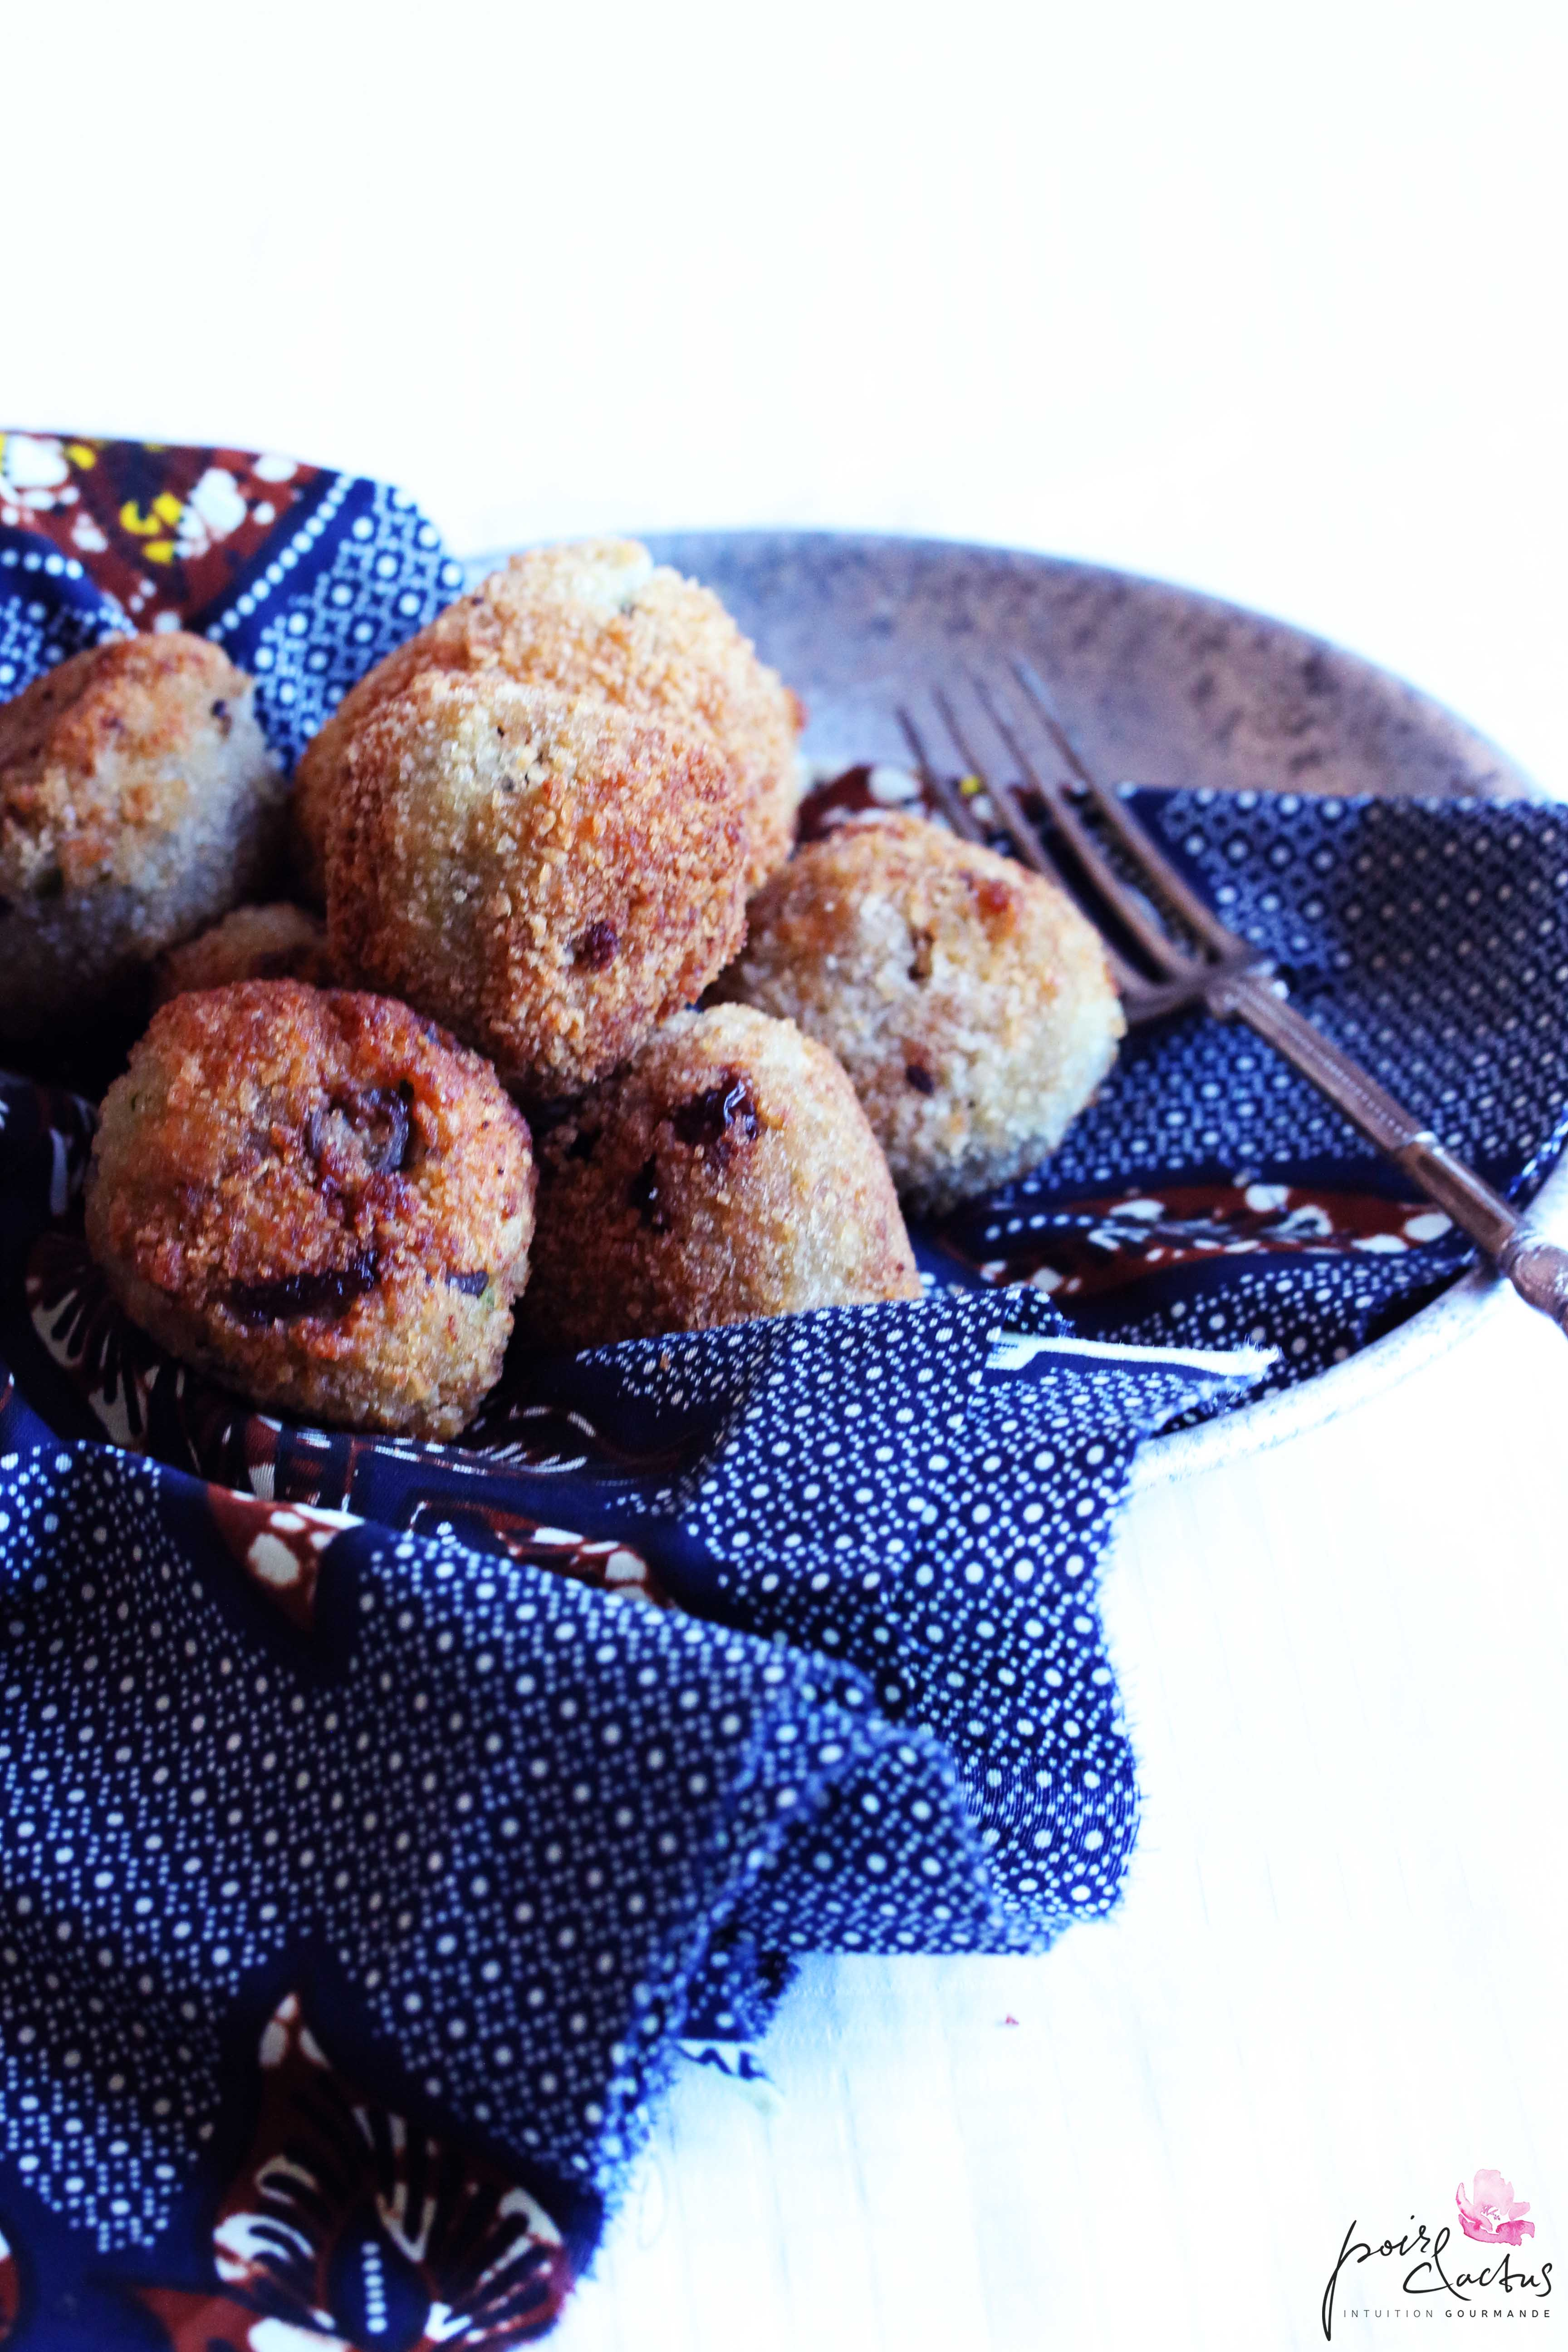 recette_boulette_aubergines_poiretcactus.com